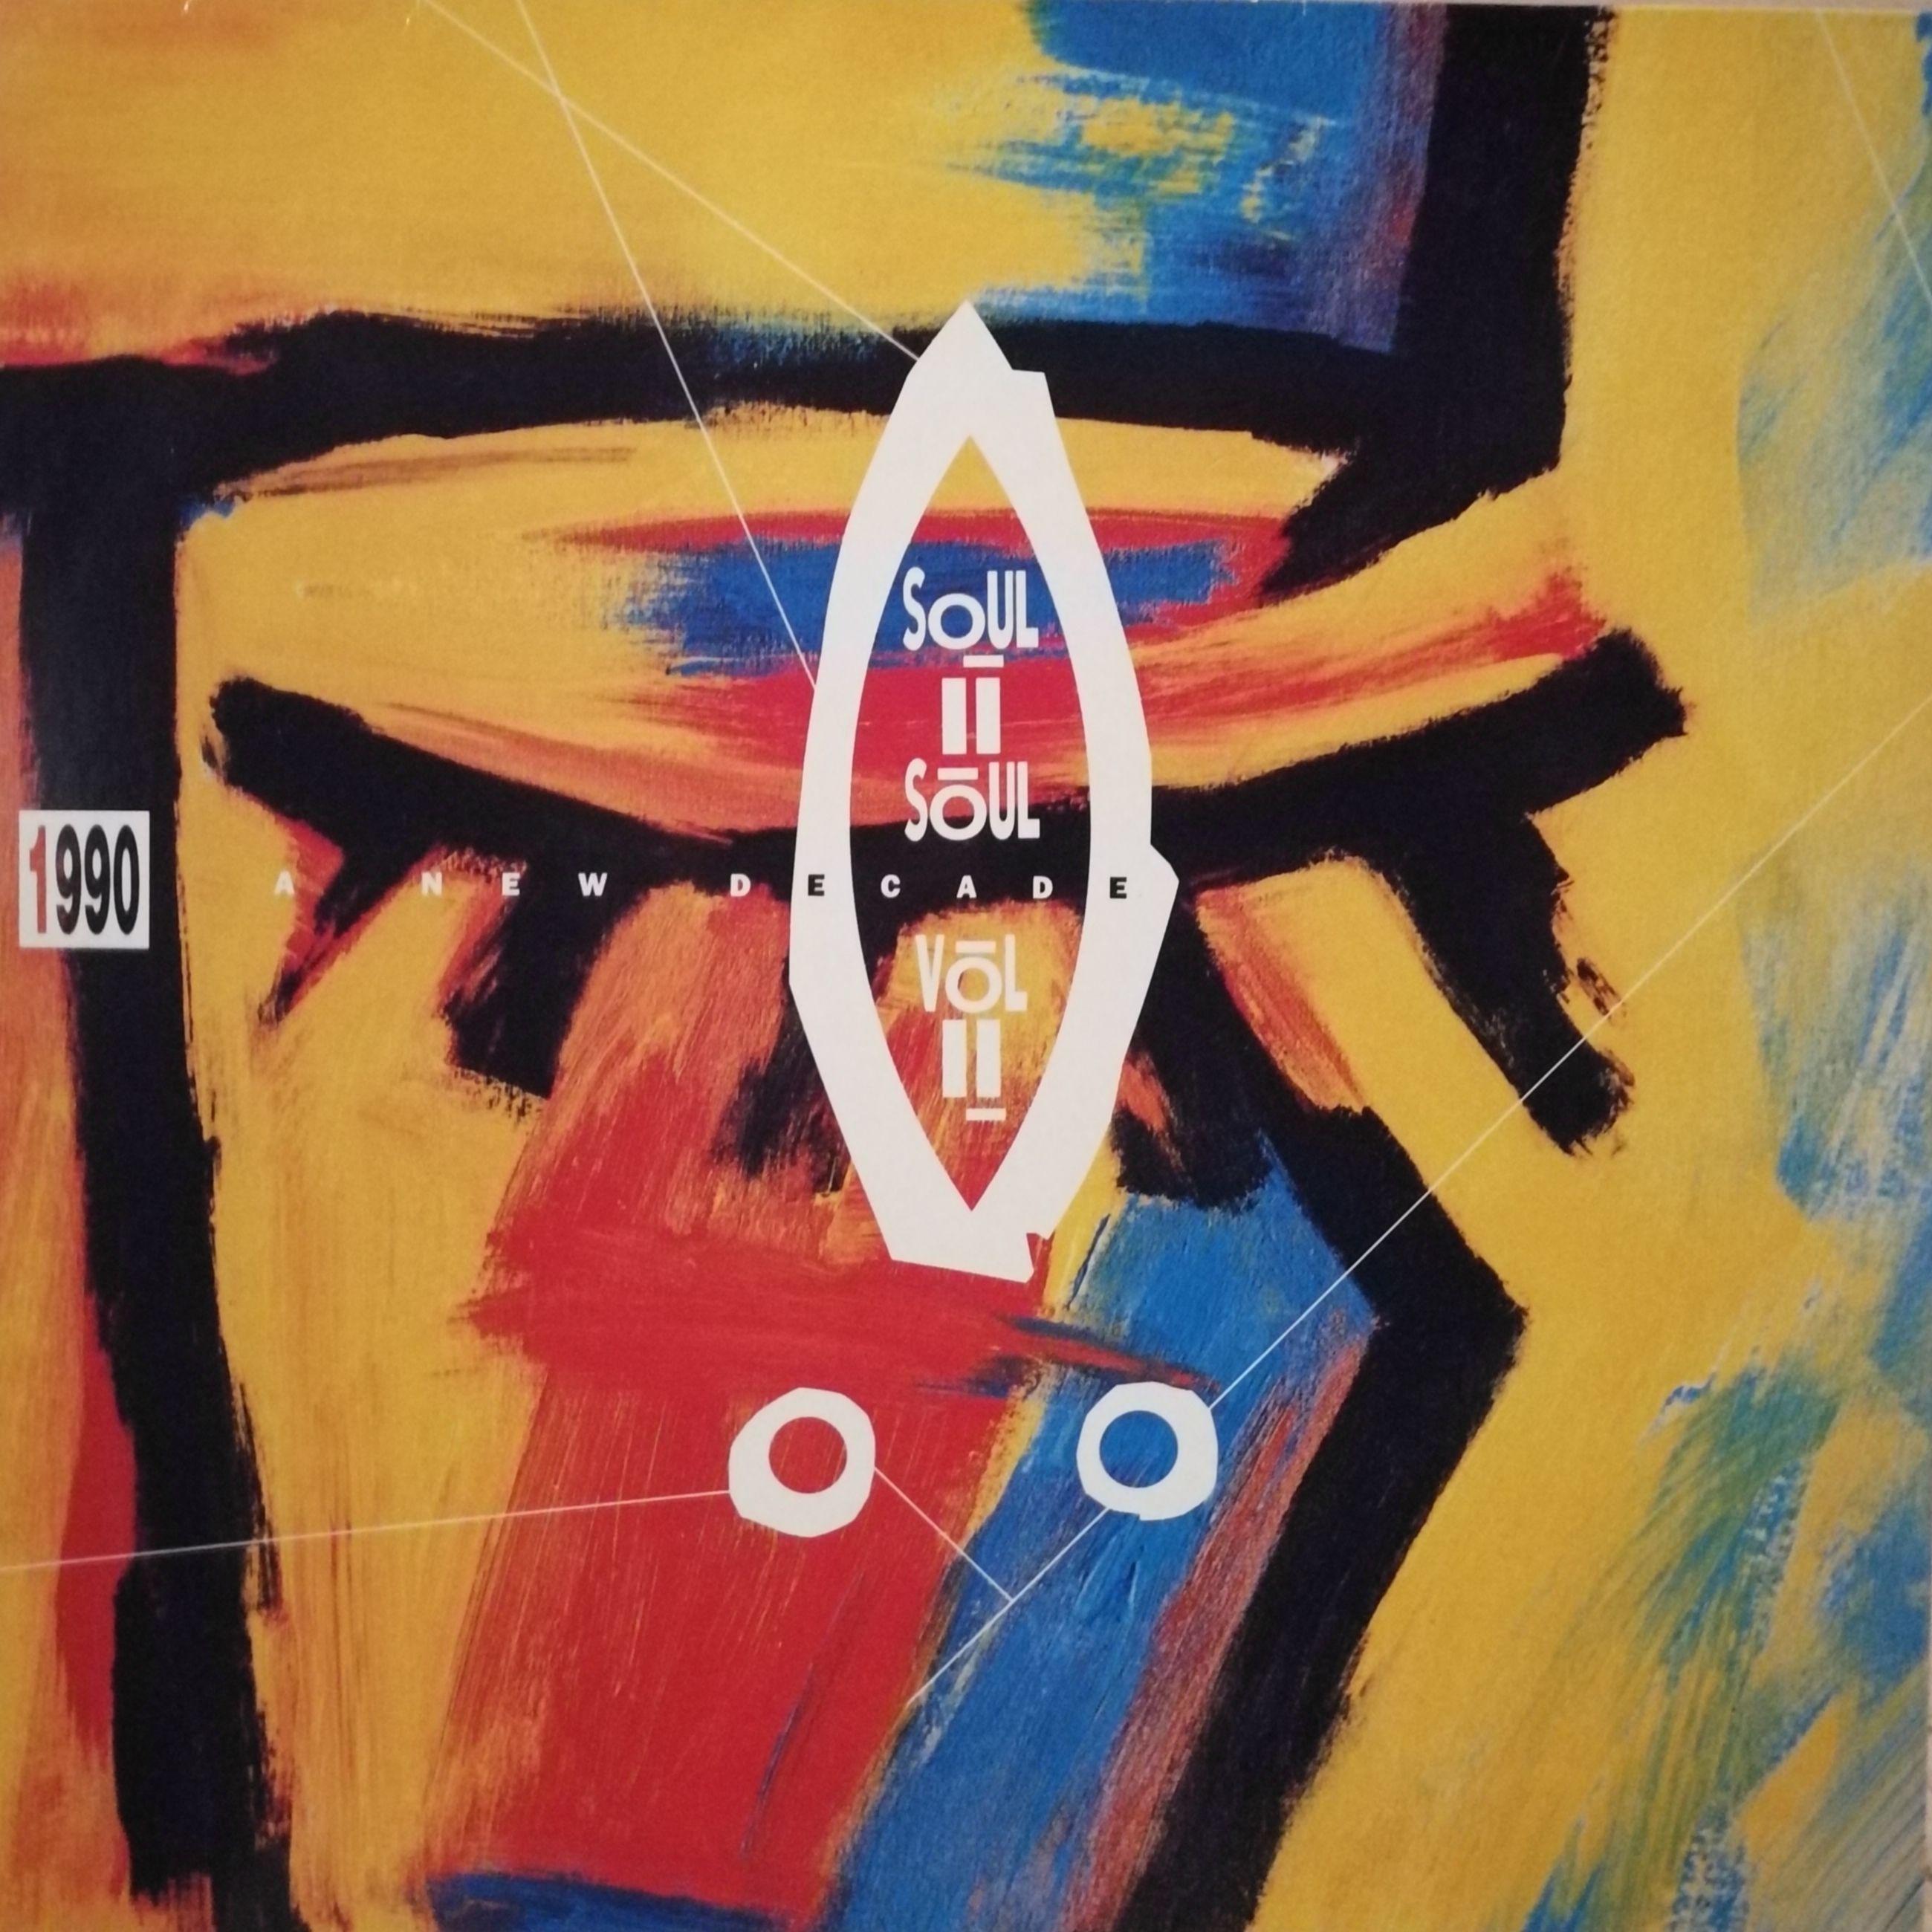 Soul II Soul / Soul 2 Soul Vol.II (1990 A New Decade) LP undefined